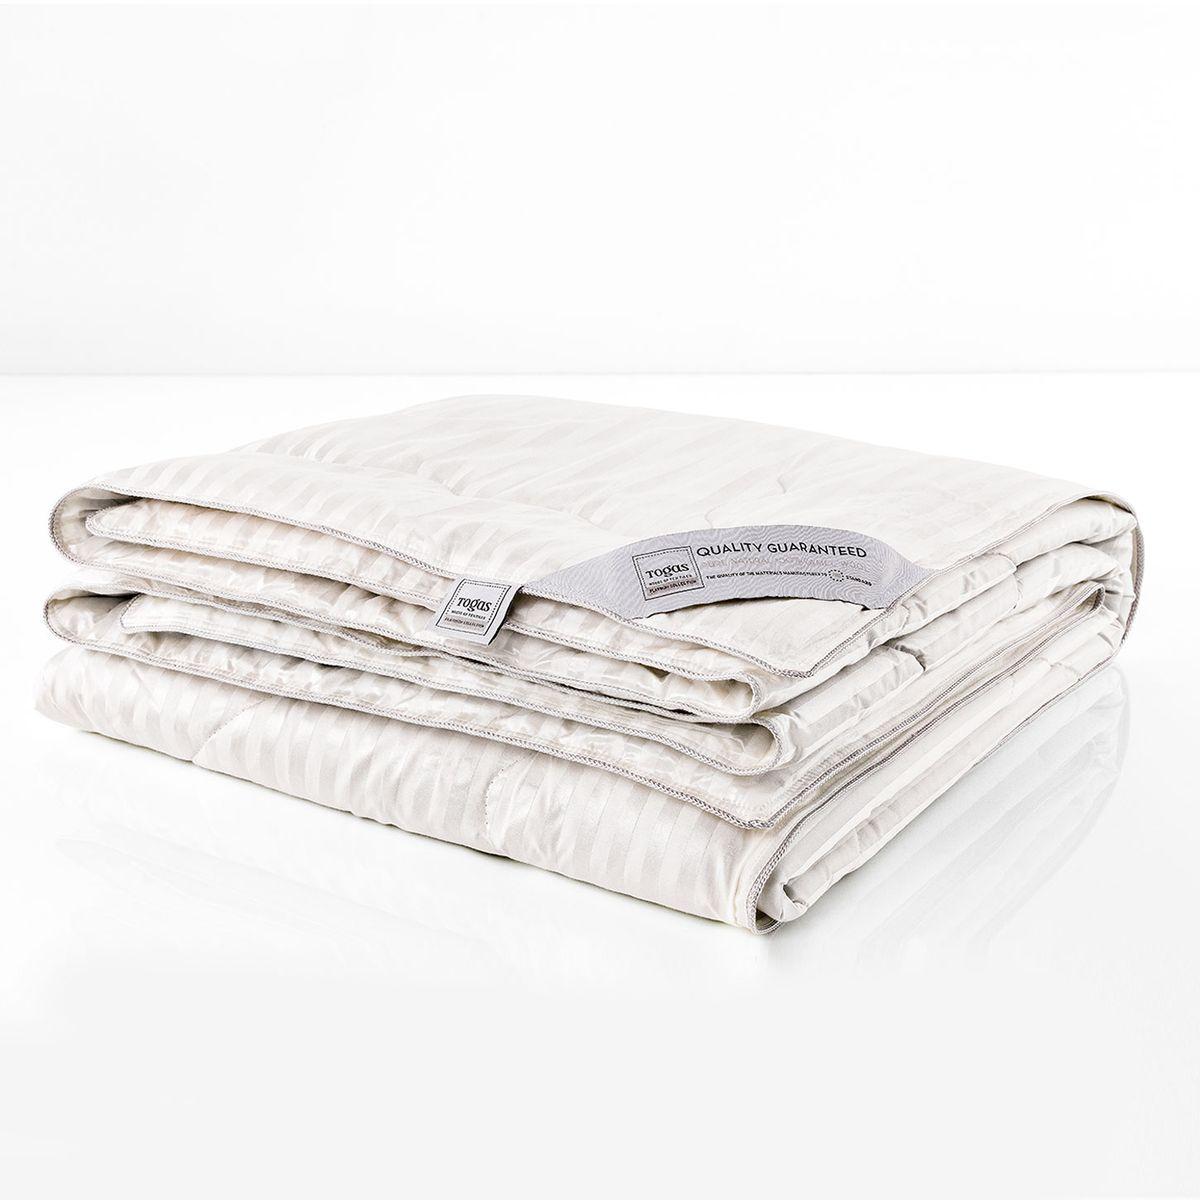 Одеяло Роял верблюжья шерсть в шелке, 220 х 240 см. 20.04.17.0057 - Одеяла